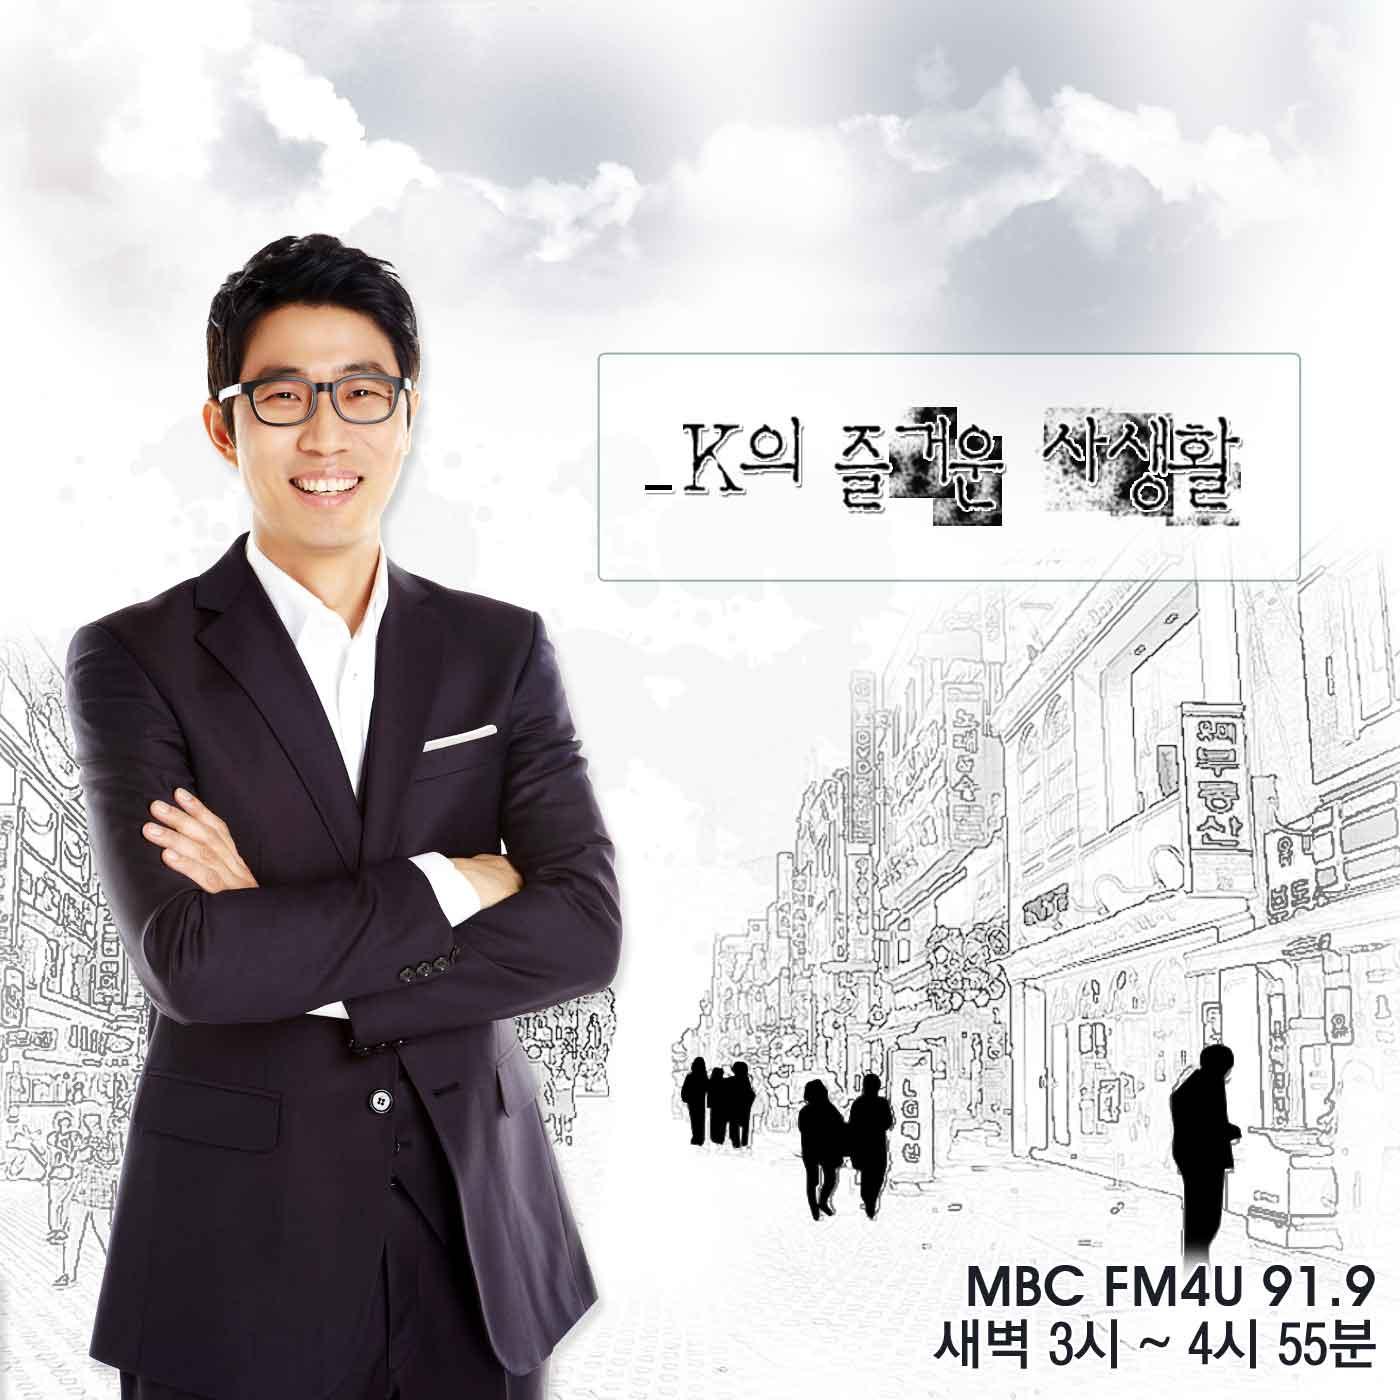 K의 즐거운 사생활 (종영)